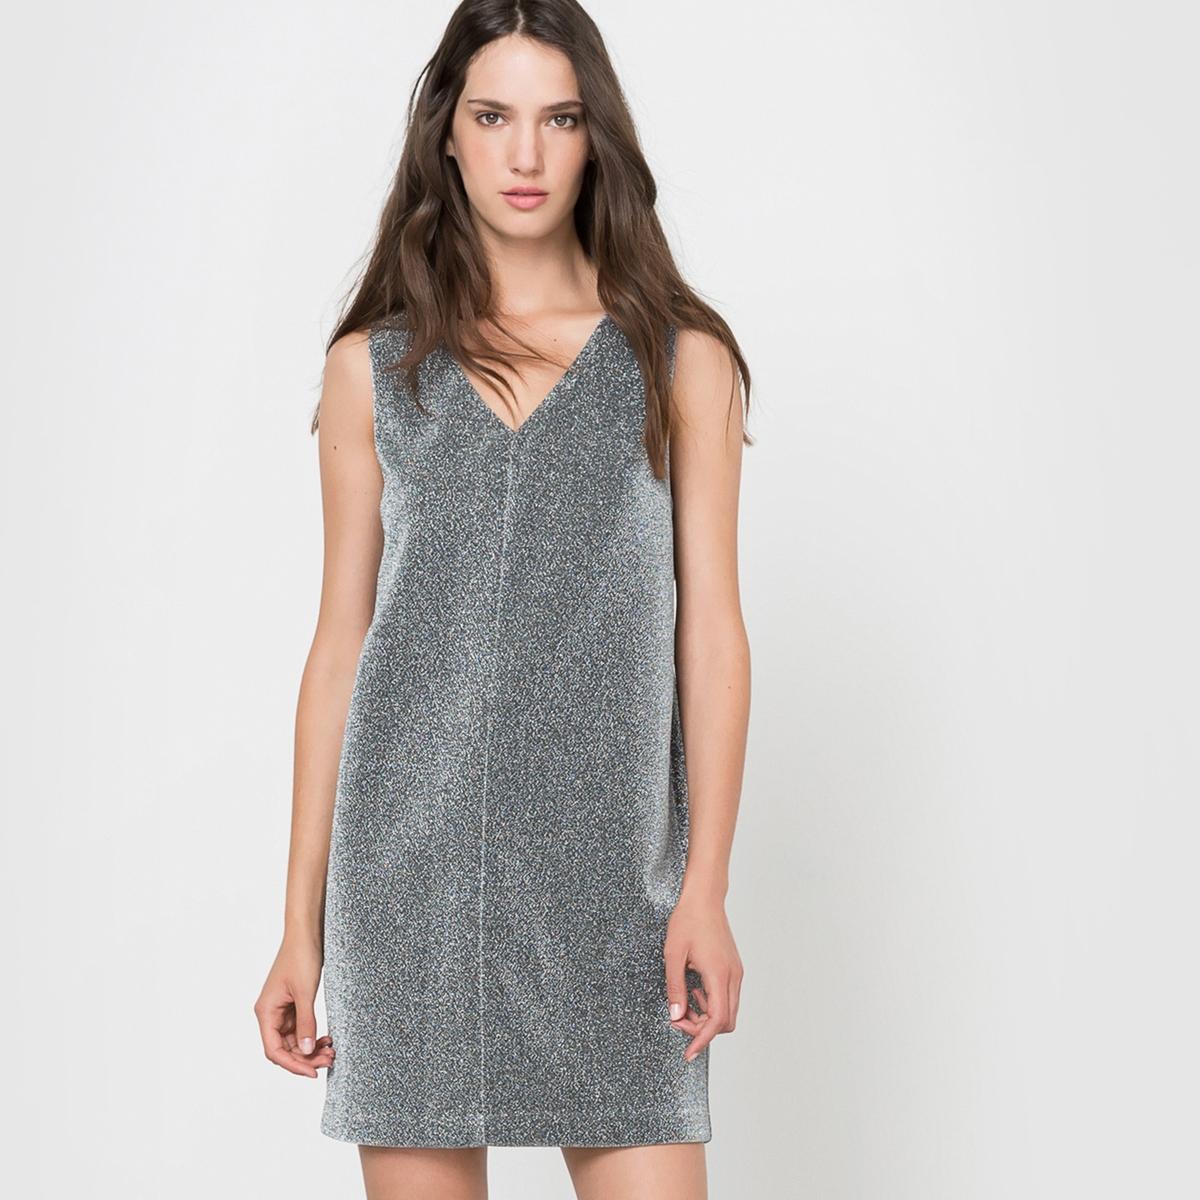 Платье прямого покроя без рукавов с V-образным вырезомСостав и описаниеМатериал: 97% полиэстера, 3% эластана.Марка: MOLLY BRACKEN.УходСтирка при 30°С с вещами подобных цветов.Стирать и гладить с изнанки.<br><br>Цвет: серый серебристый<br>Размер: L